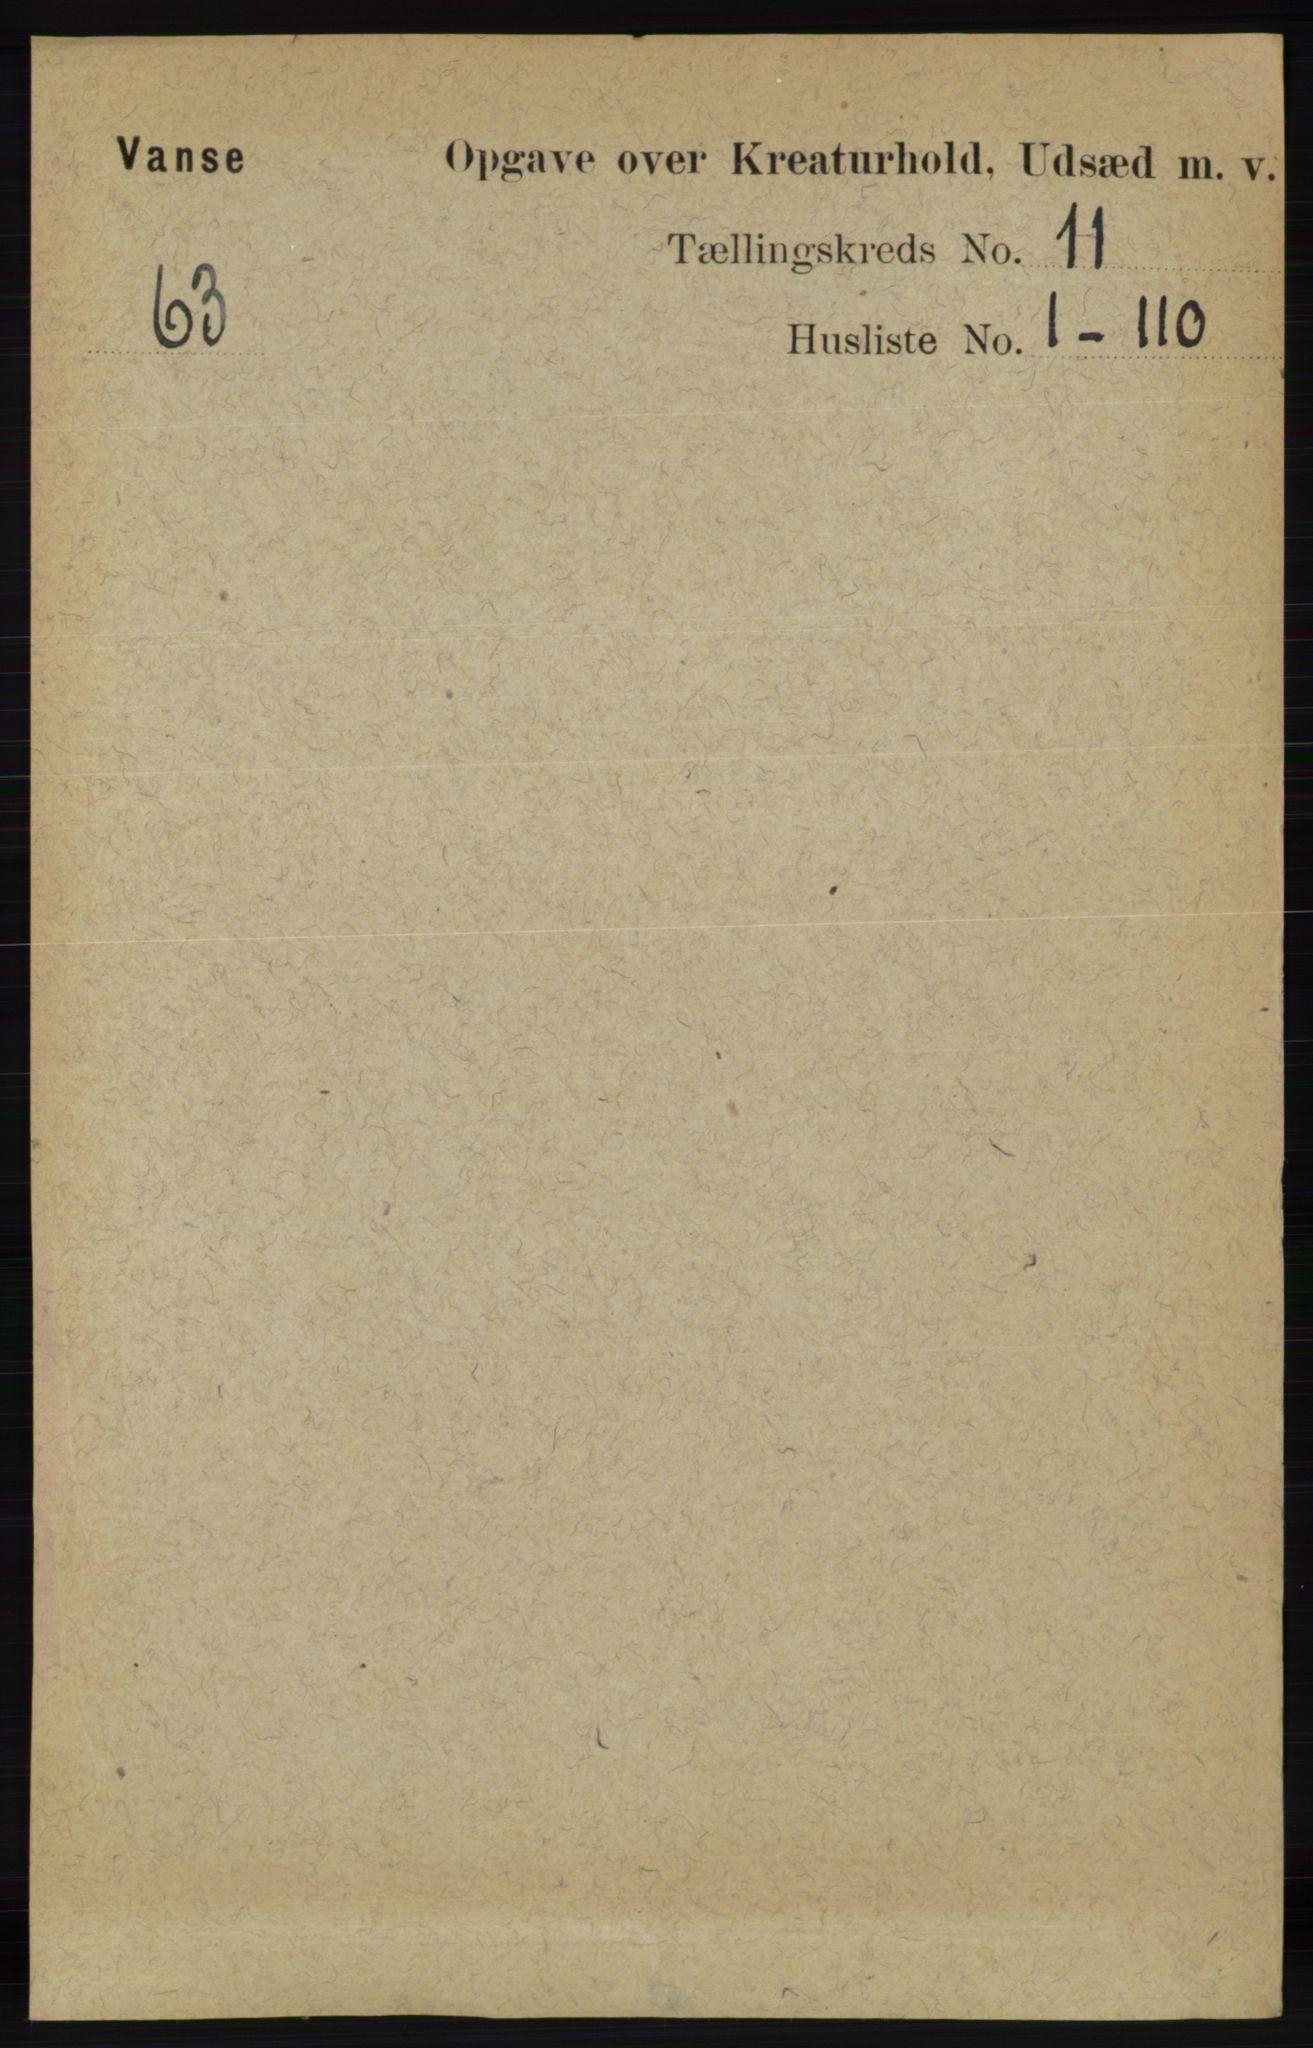 RA, Folketelling 1891 for 1041 Vanse herred, 1891, s. 9869